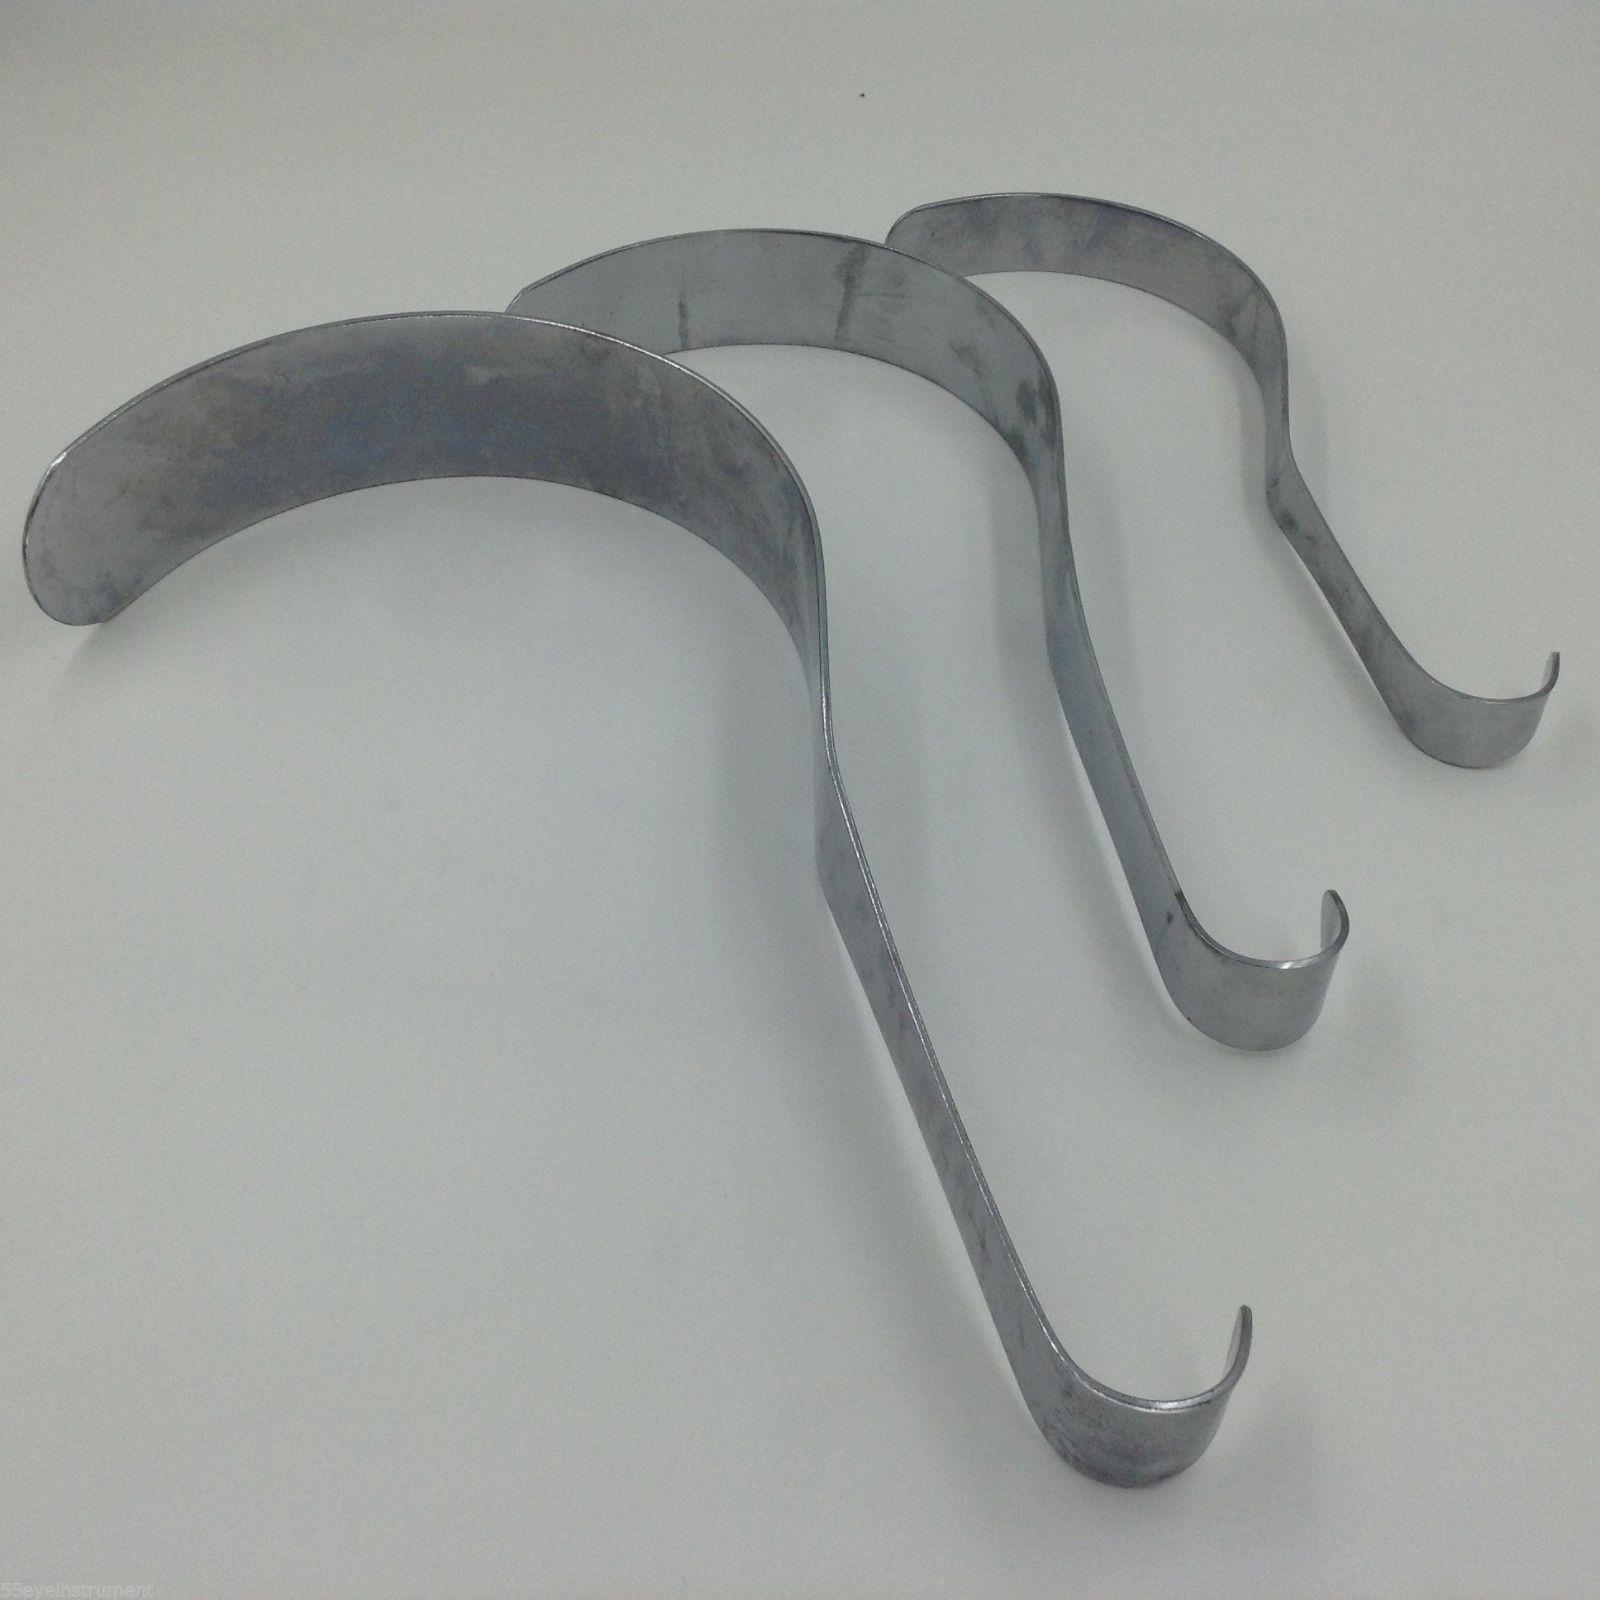 3pcs Abdominal Retractors Surgical Orthopedics Veterinary Instruments